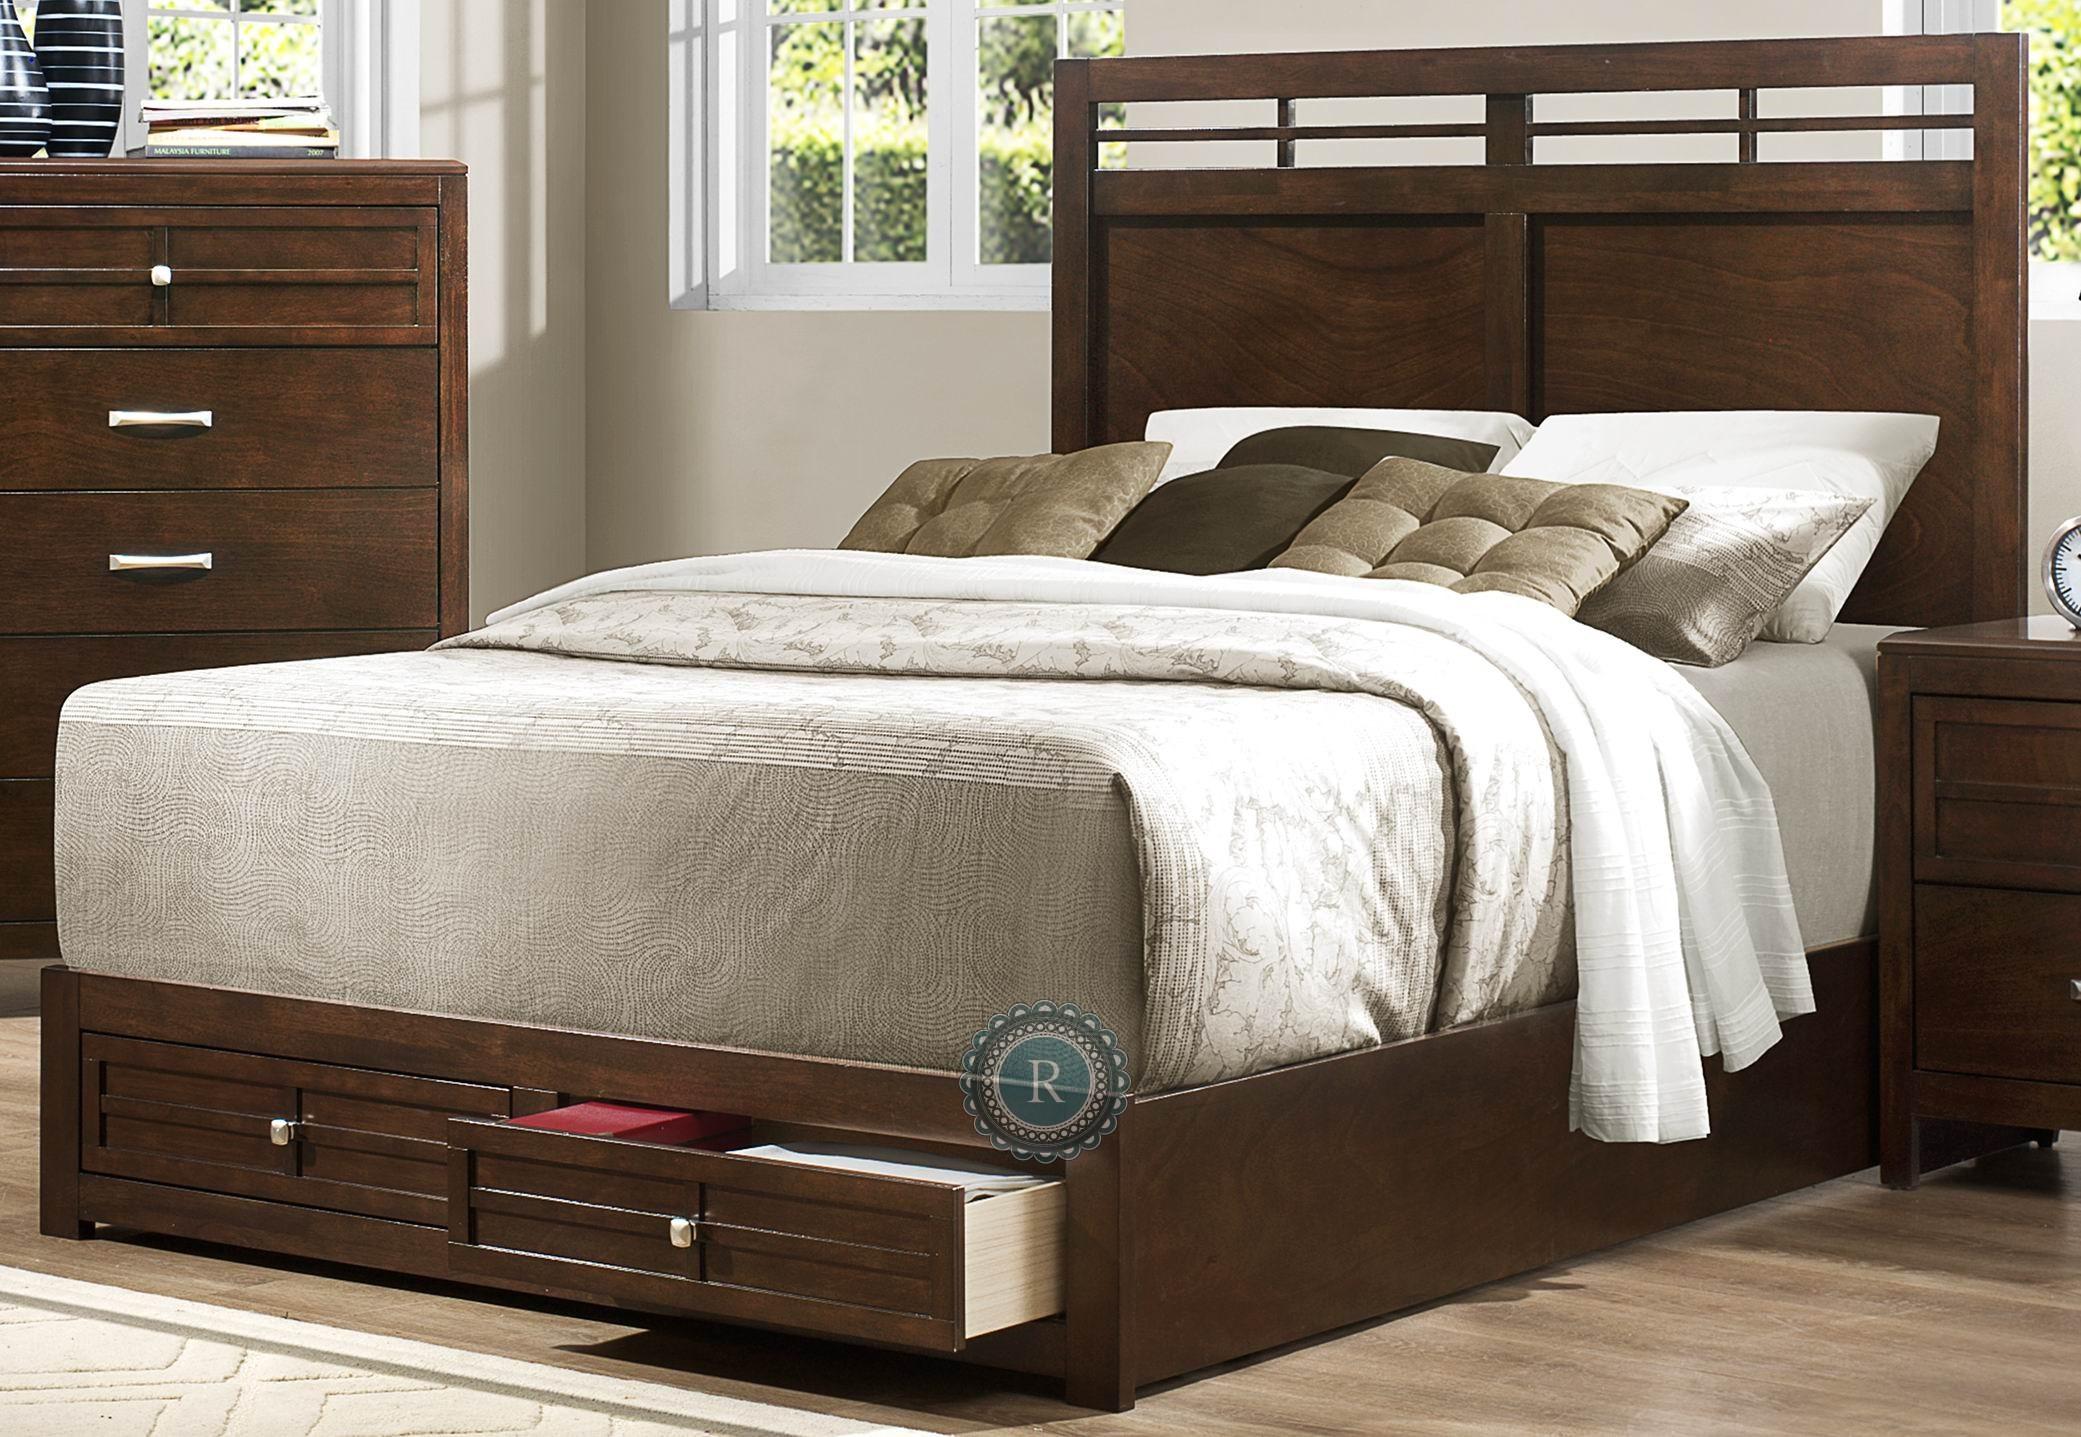 greenfield cal king storage bed from homelegance 2158k 1ck coleman furniture. Black Bedroom Furniture Sets. Home Design Ideas